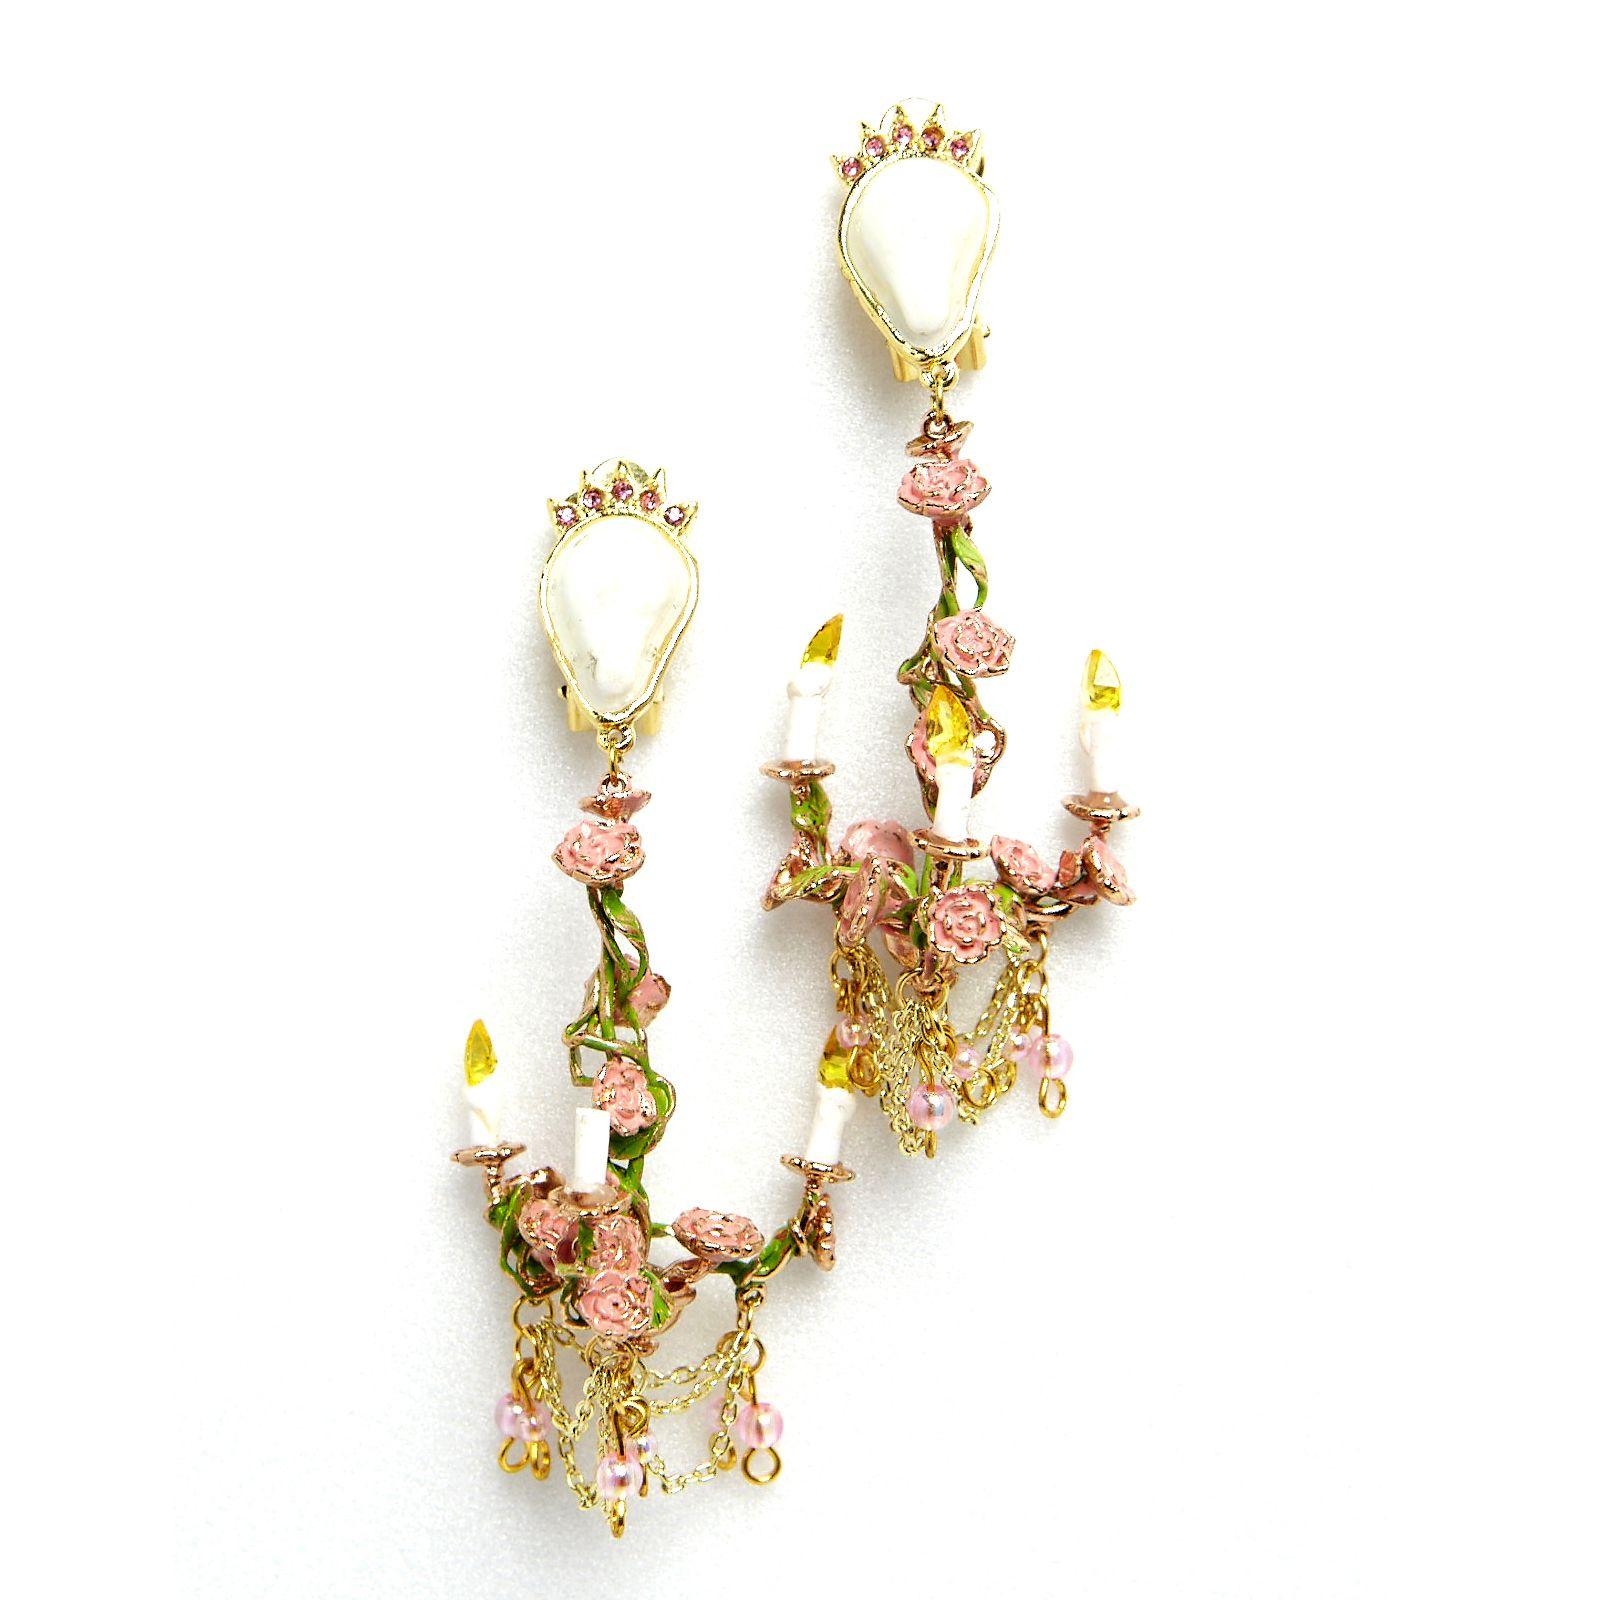 Chandelier earrings earrings online chandelier earrings and store chandelier earrings online store by 77th aloadofball Image collections